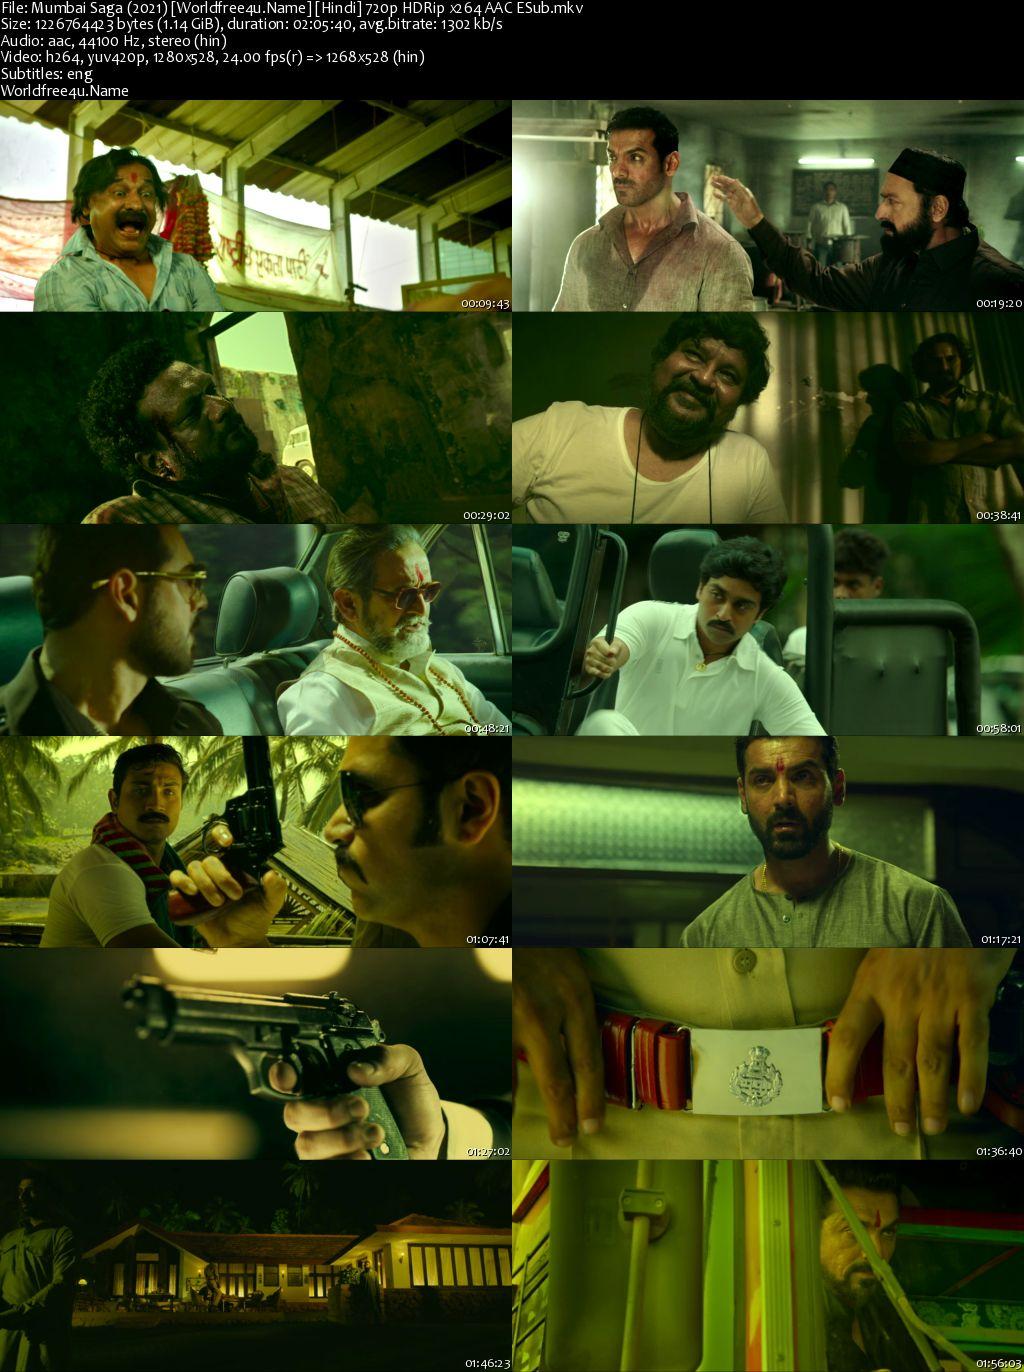 Mumbai Saga 2021 Hindi HDRip 720p